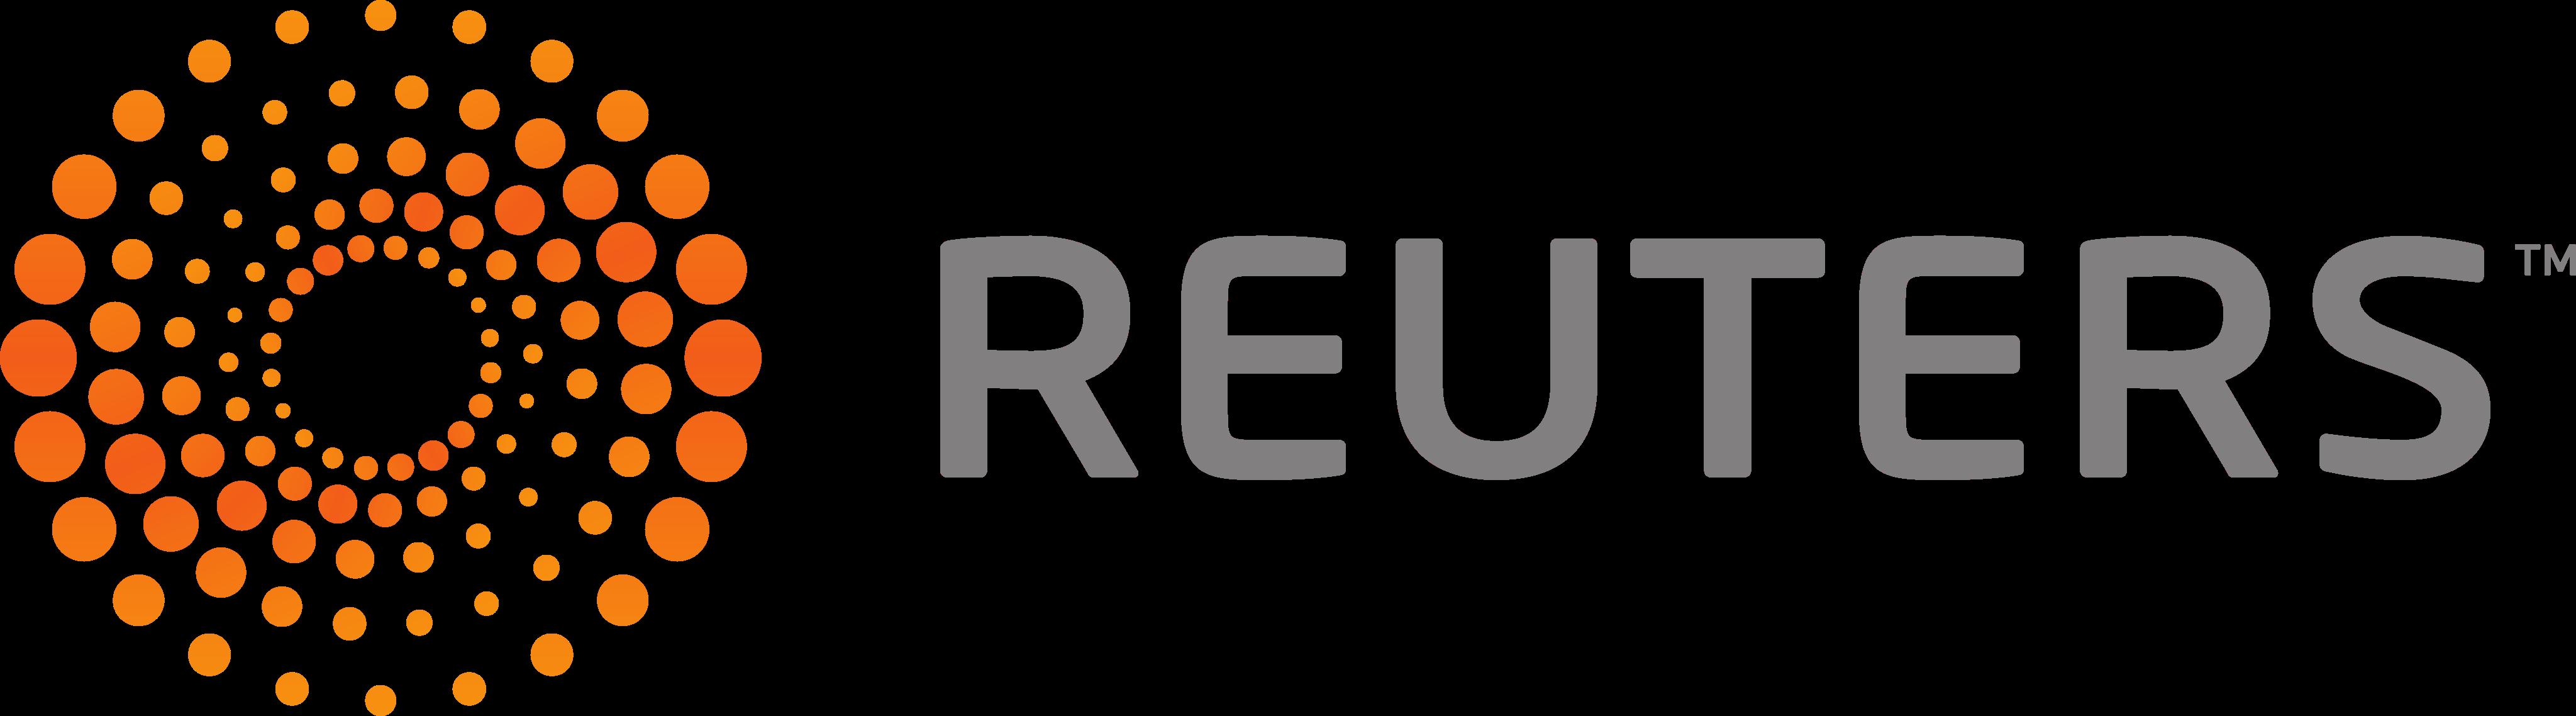 reuters logo - Reuters Logo